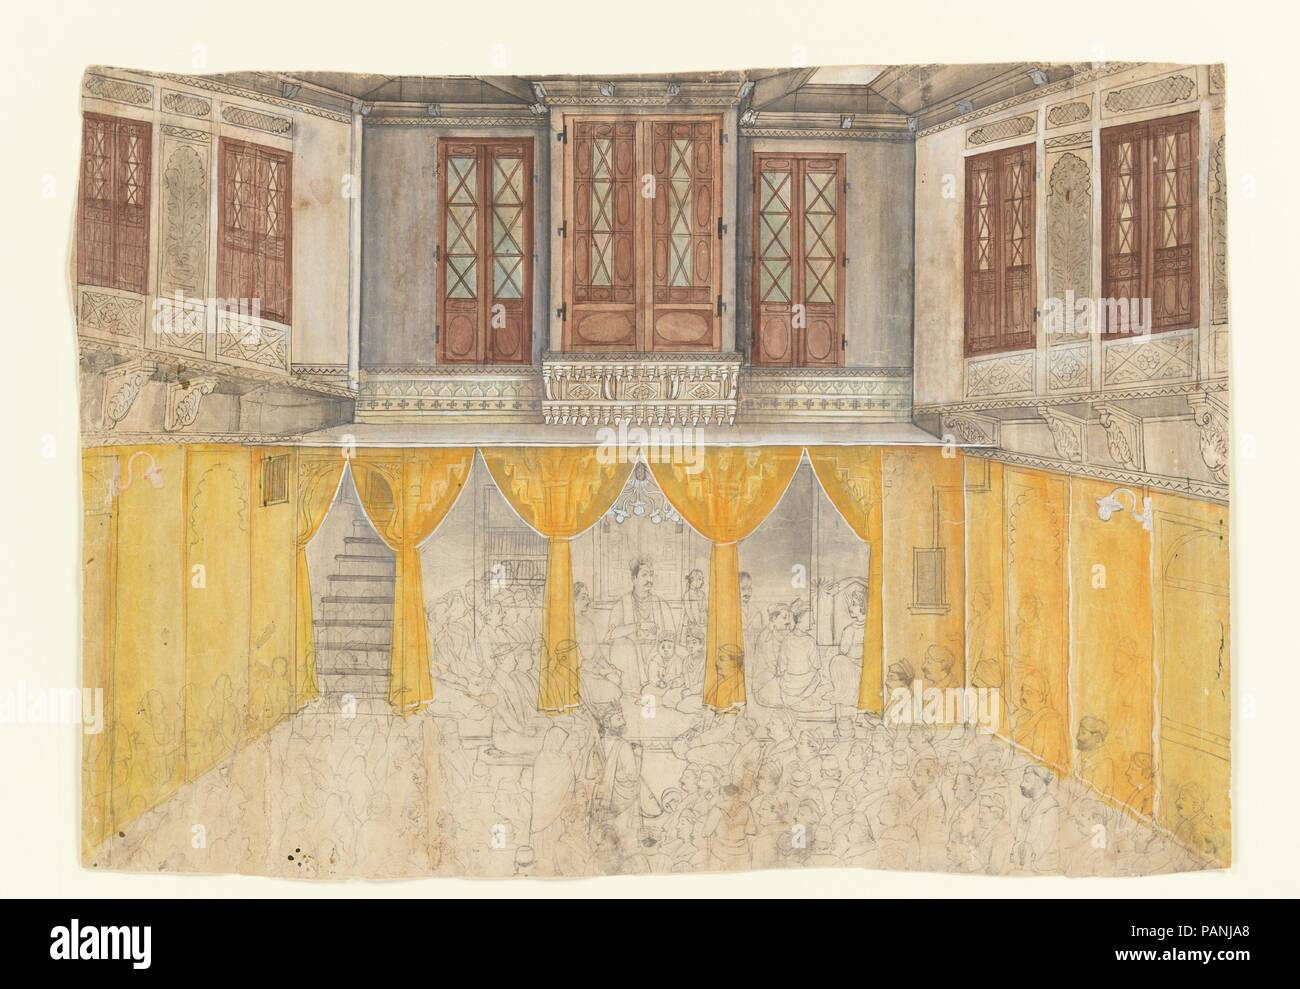 Interno del palazzo. Artista: attribuito a Ragunath. Cultura: (India Rajasthan, Nathadwara). Dimensioni: immagine (Vista): 27 1/4 x 19 1/4 in. (69,2 x 48,9 cm) incorniciato: 36 x 28 in. (91,4 x 71,1 cm). Data: ca. 1880-1900. Museo: Metropolitan Museum of Art di New York, Stati Uniti d'America. Immagini Stock